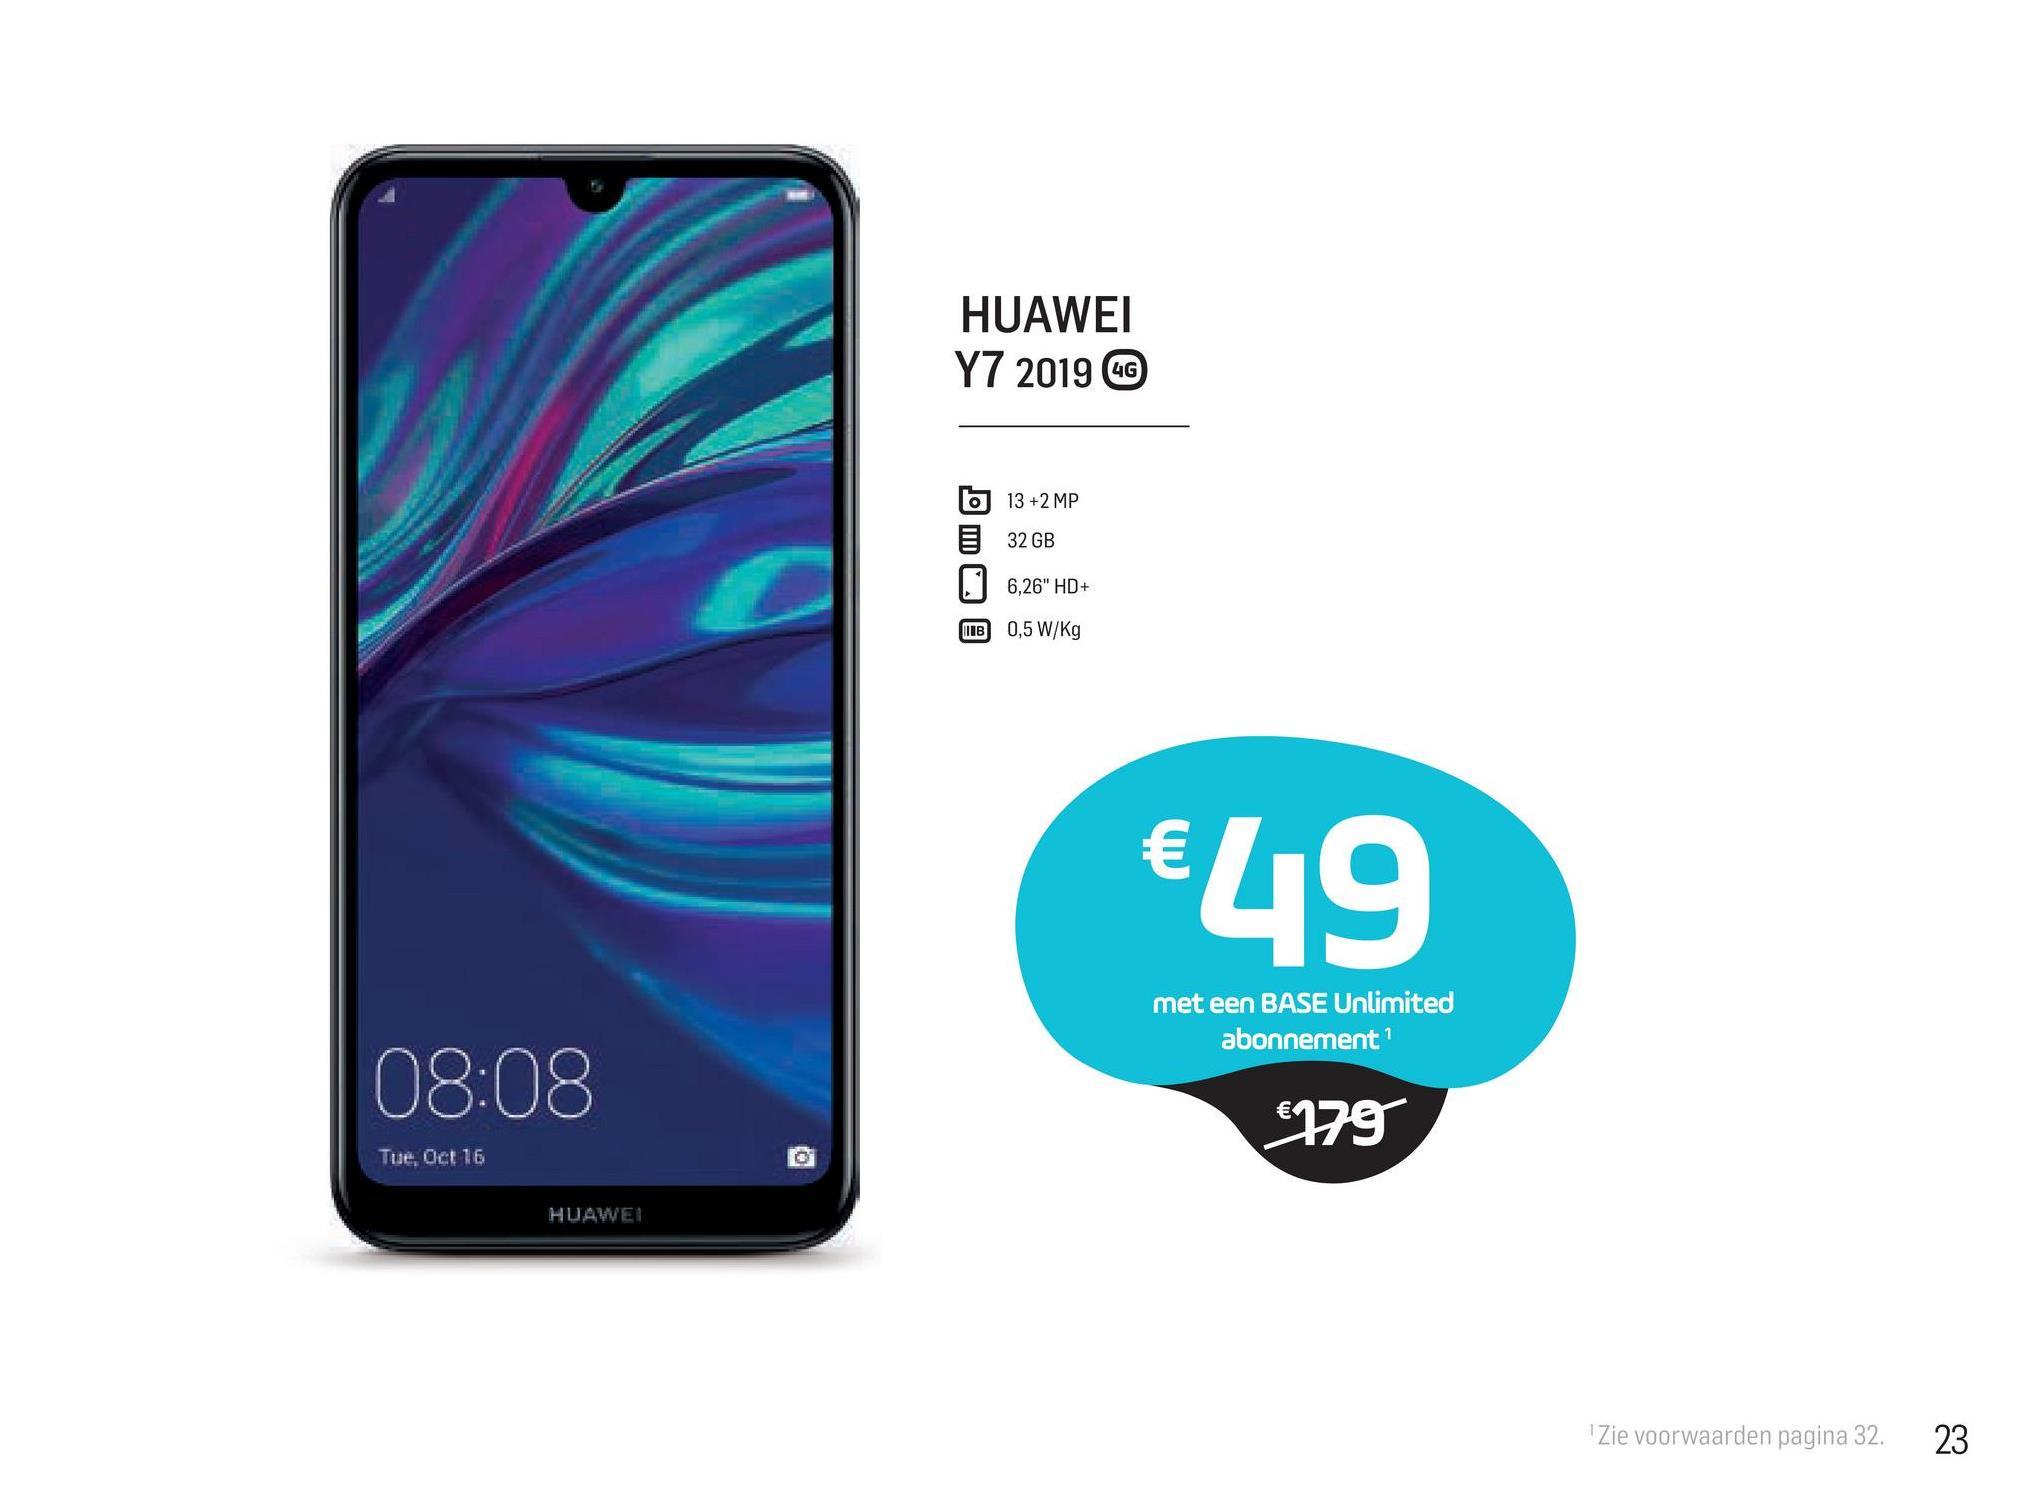 """HUAWEI Y7 2019 GG 6 13 +2 MP 32 GB 6,26"""" HD+ 0,5 W/Kg MTB €49 met een BASE Unlimited abonnement 08:08 €179 Tue, Oct 16 HUAWEI """"Zie voorwaarden pagina 32. 23"""